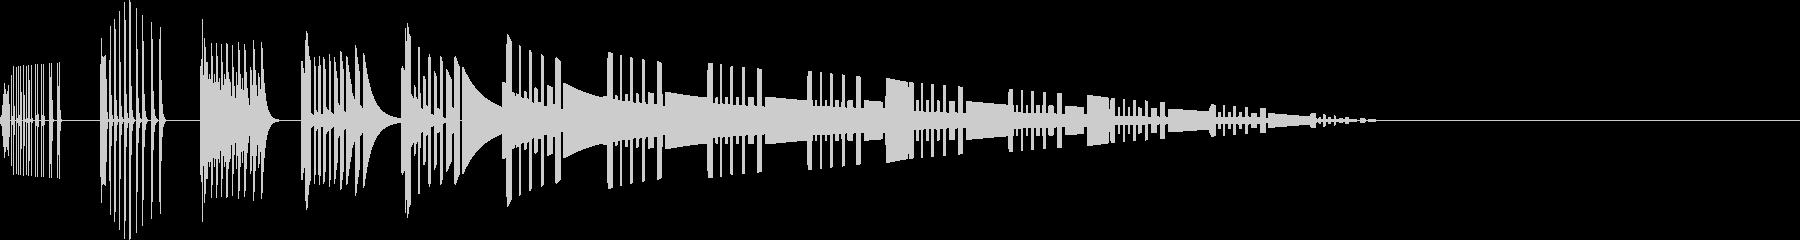 ドコドコ(攻撃/転倒/階段/ファミコンの未再生の波形